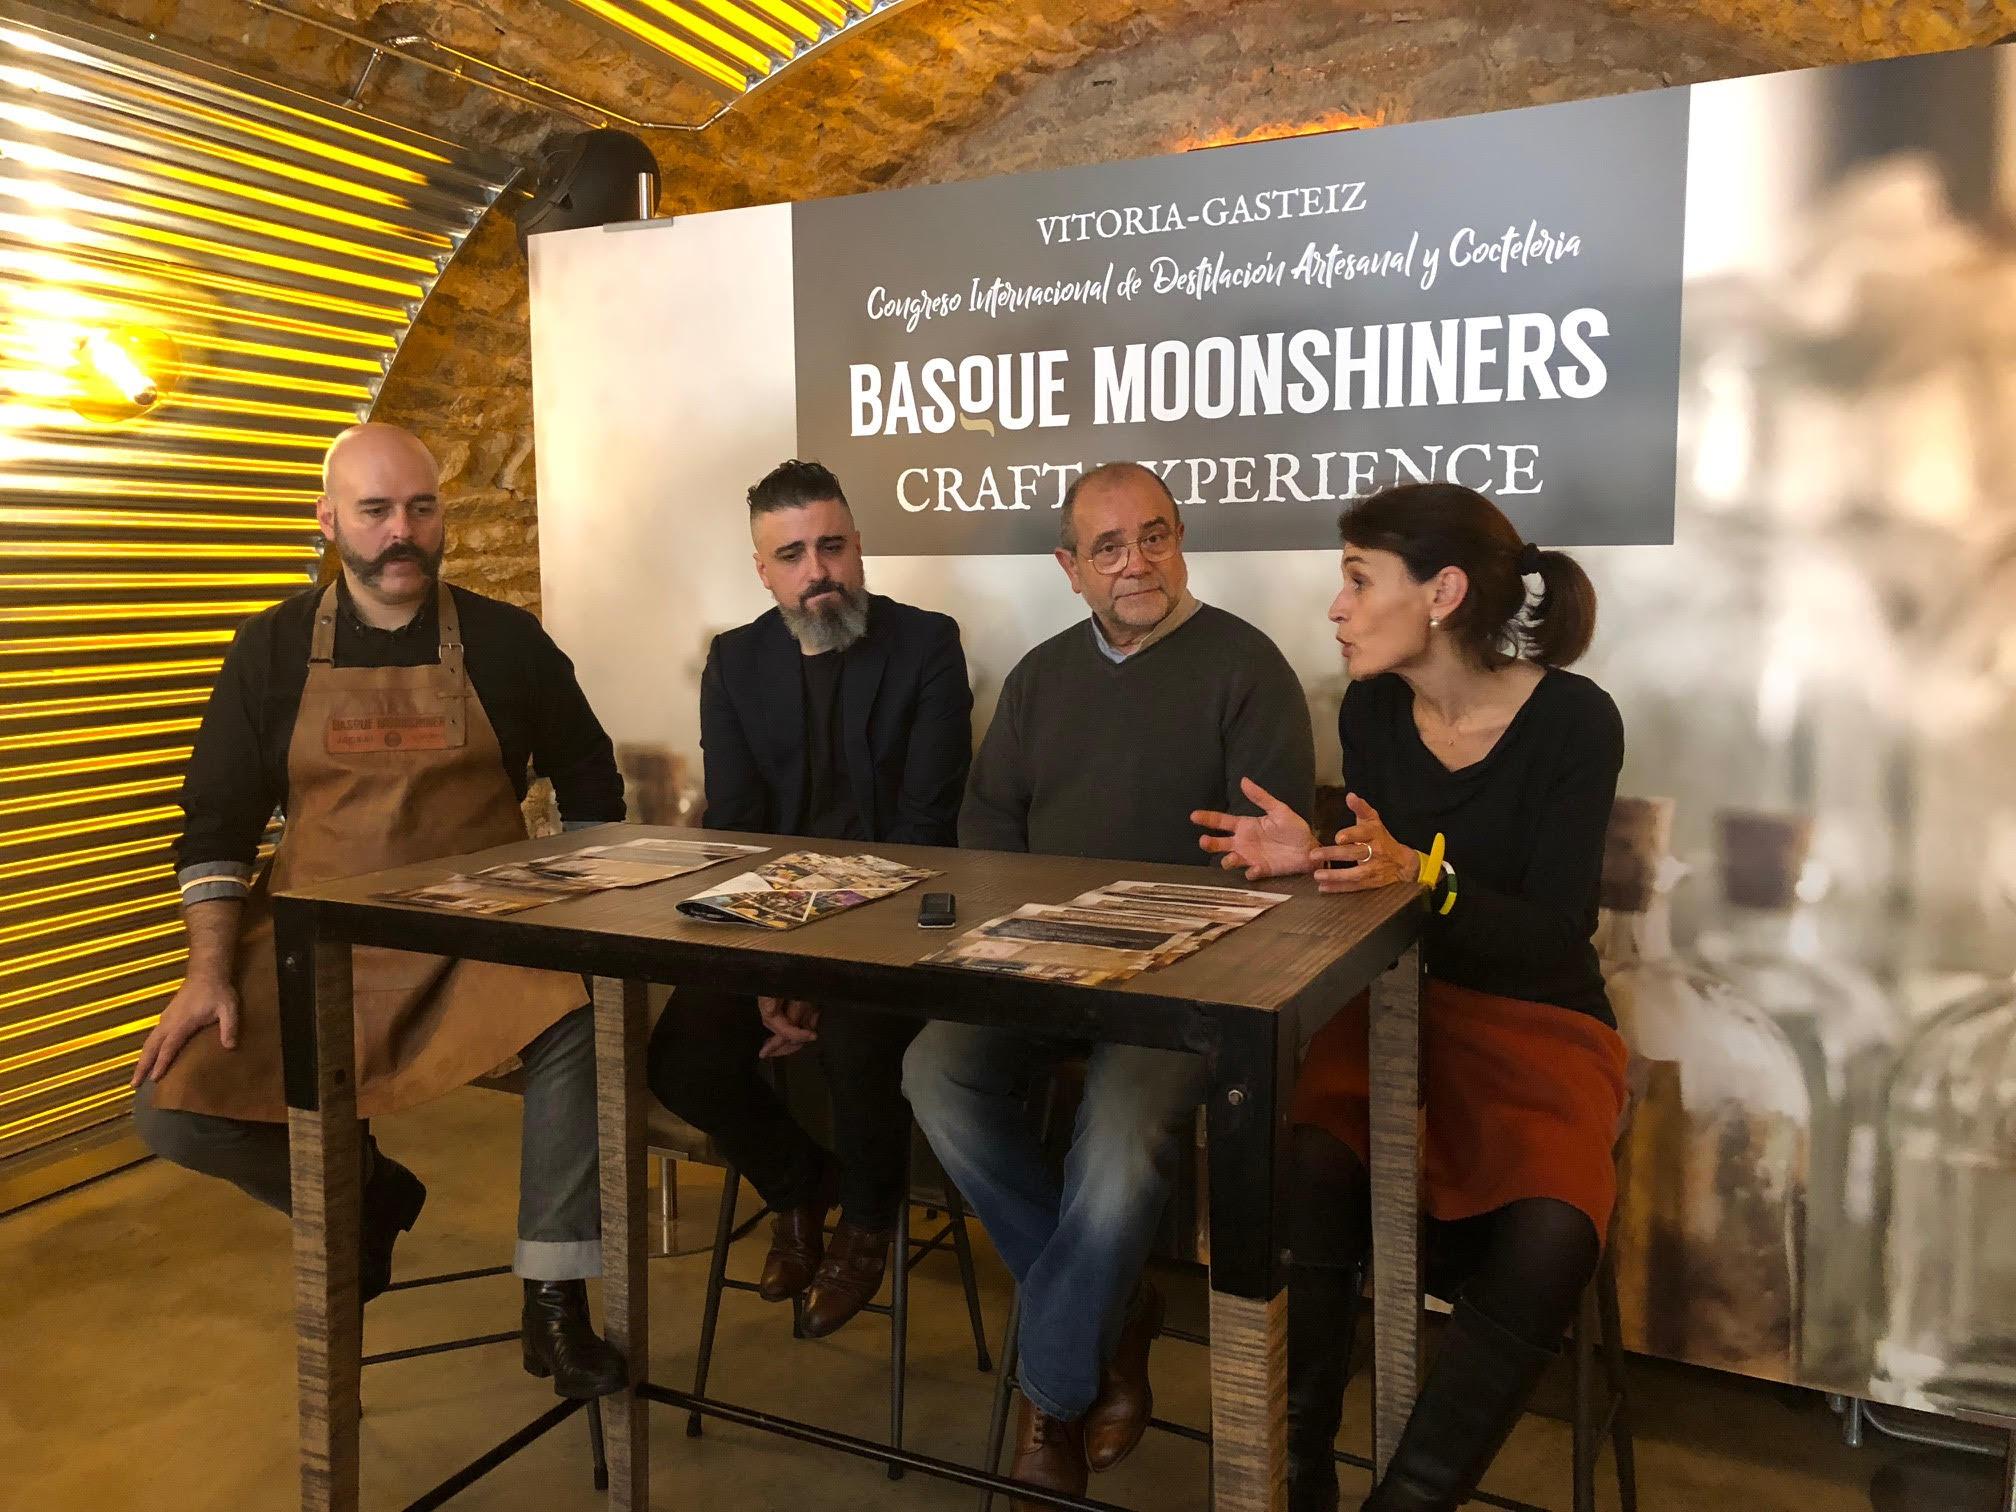 Photo of Vitoria-Gasteiz acogerá del 24 al 26 de noviembre el I Congreso Internacional de Destilación Artesanal y Coctelería